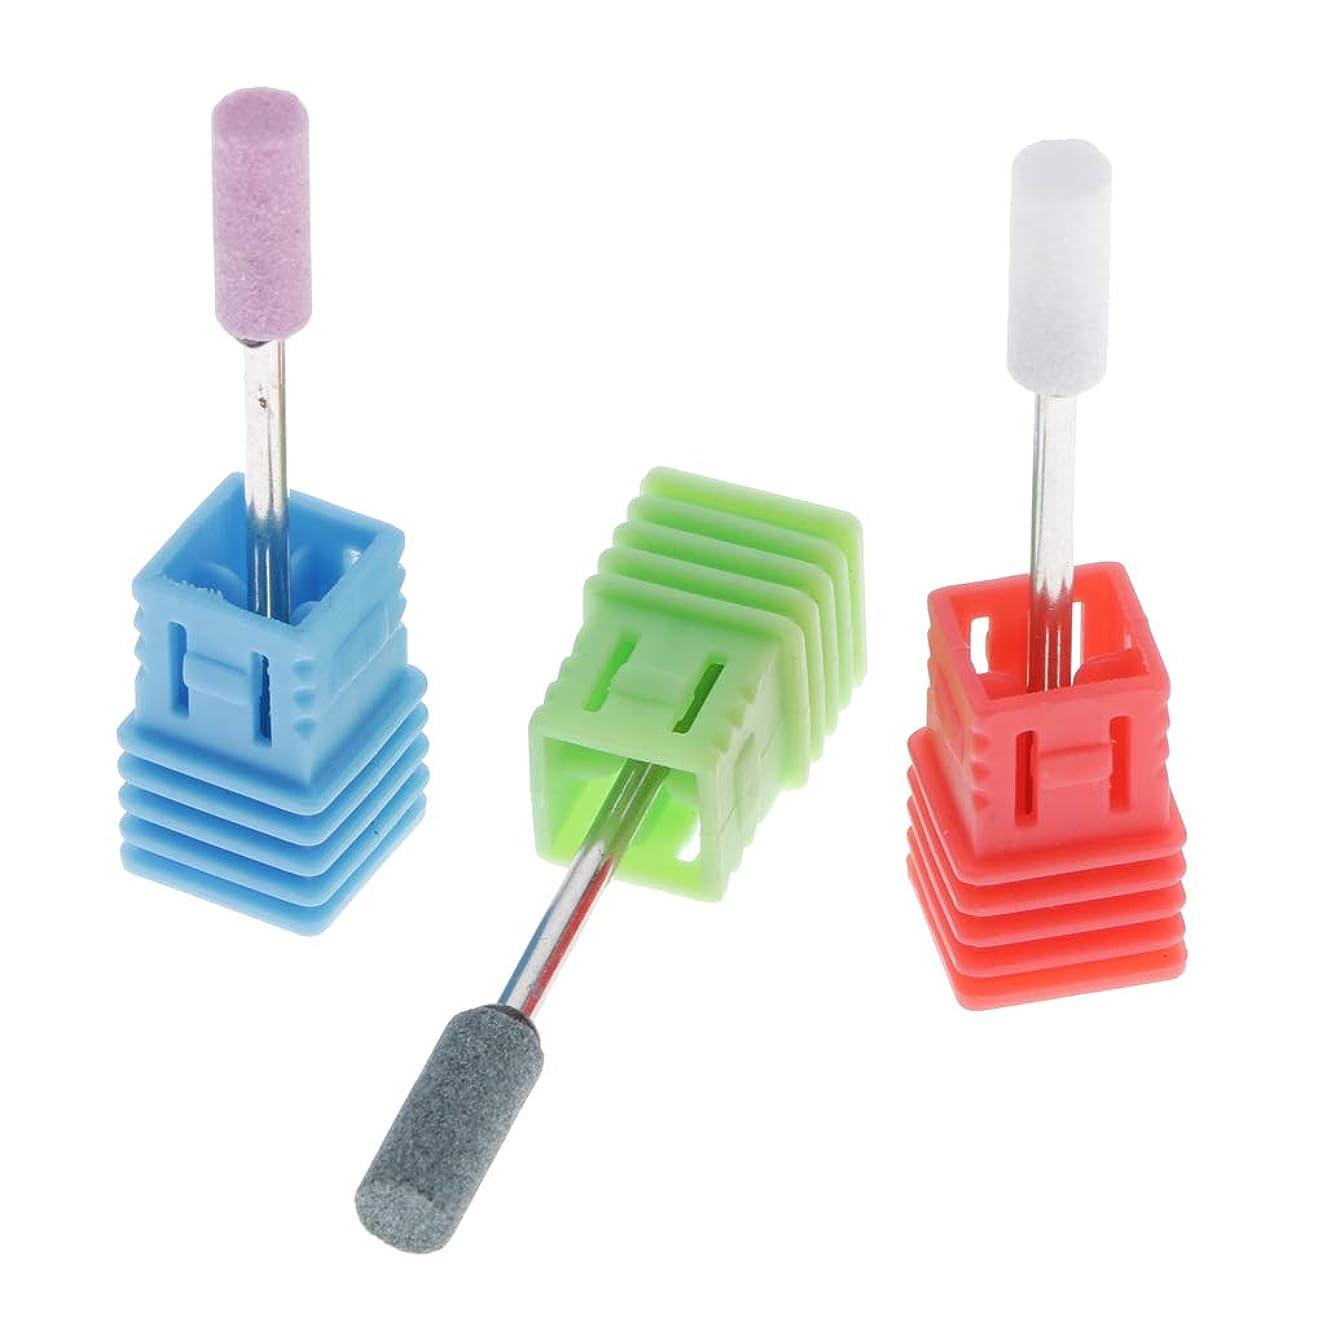 のど手を差し伸べる予防接種CUTICATE マニキュアドリルビット マニキュア研削ヘッド ネイルアートパーツ ネイルサロン用 3本セット